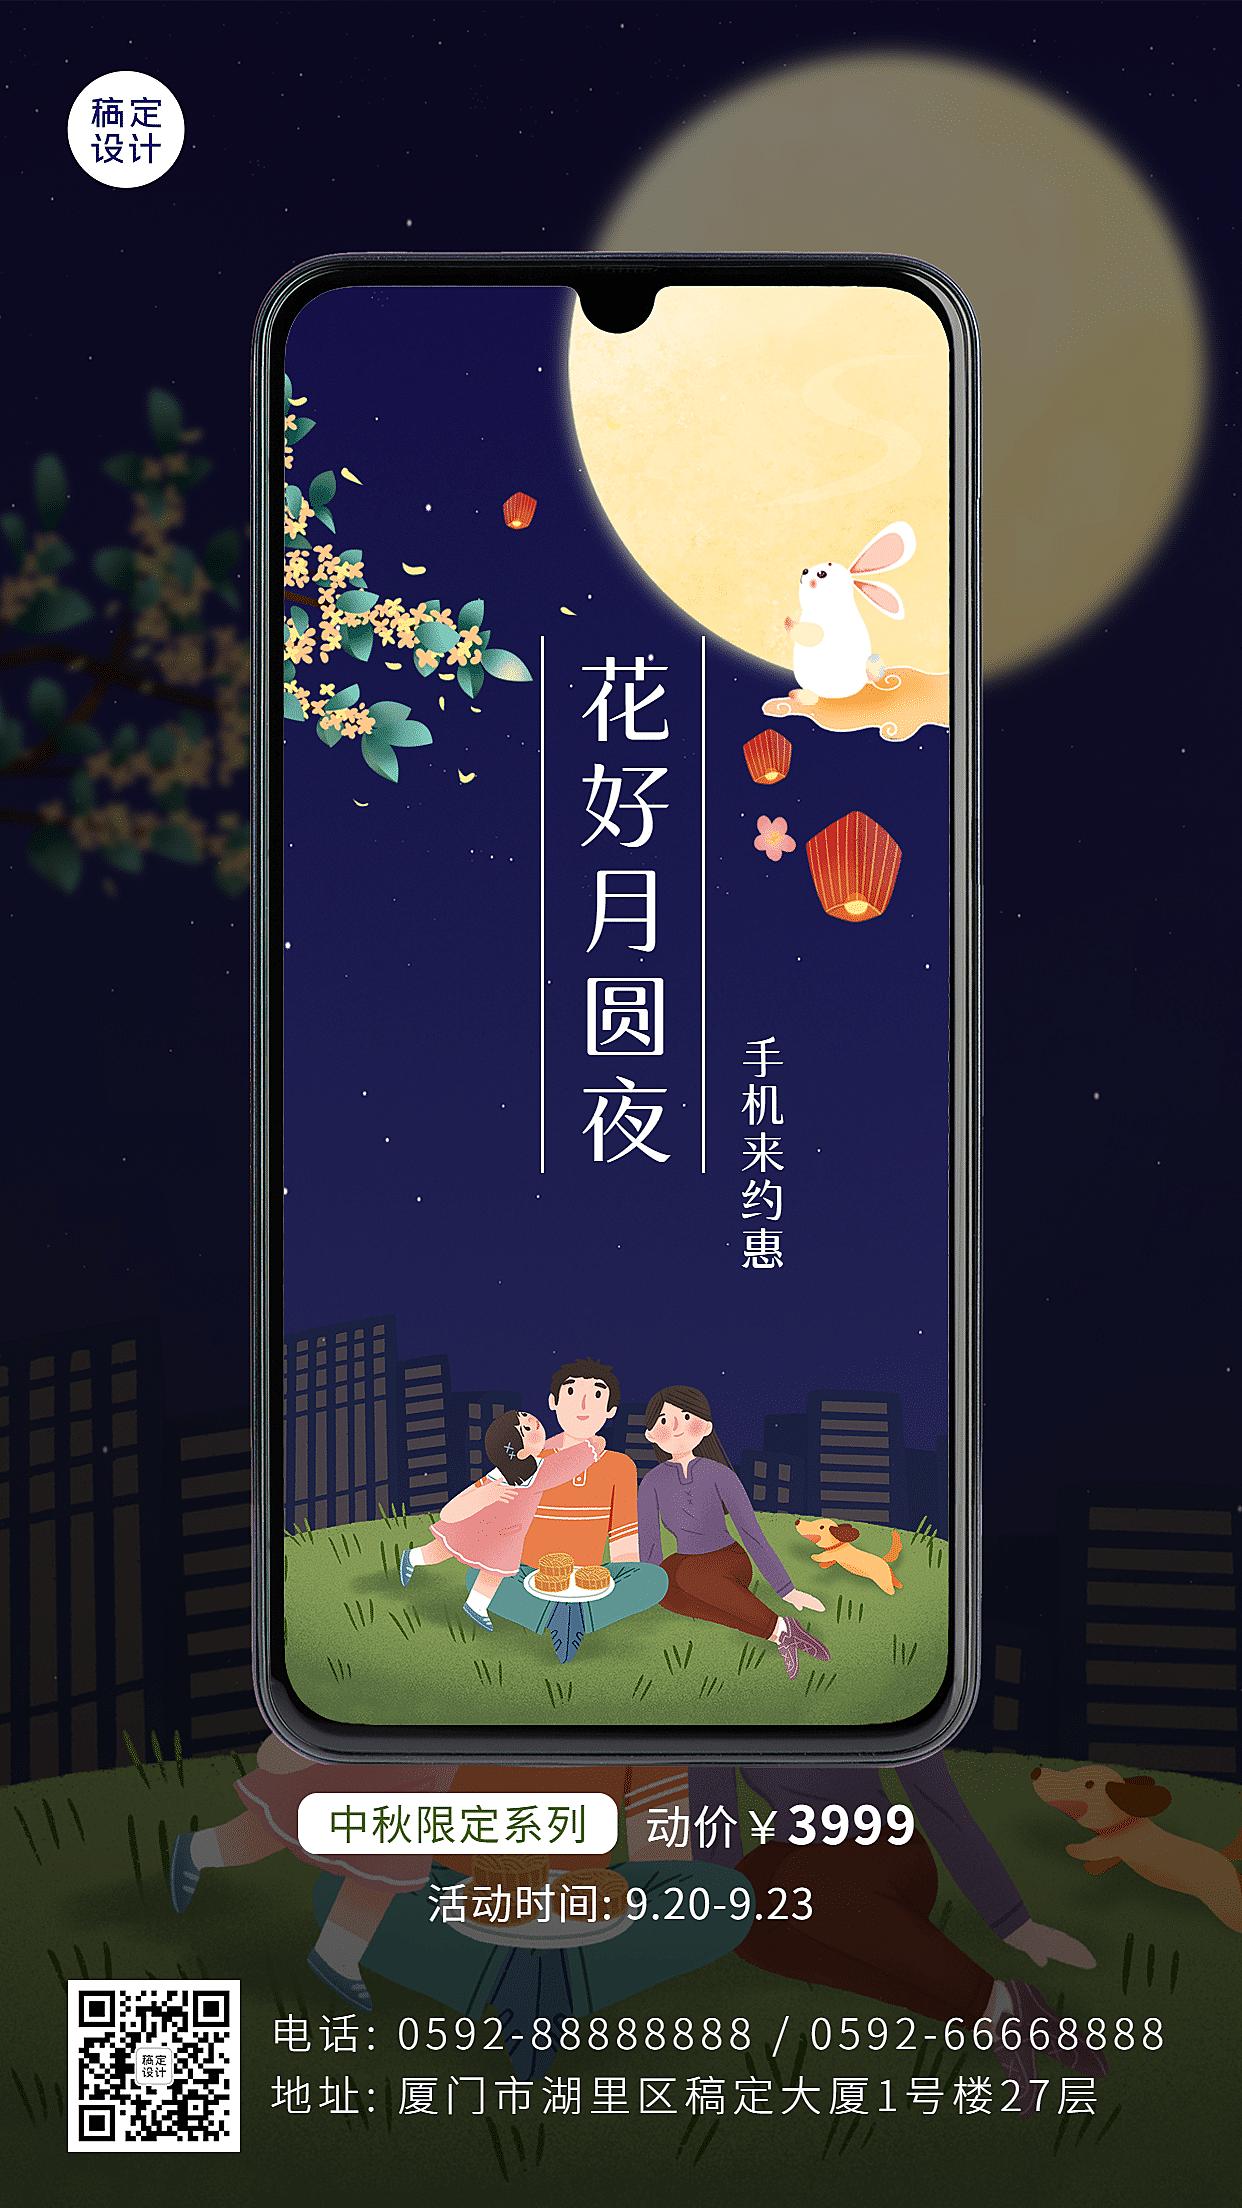 中秋节手机智能产品展示手机海报